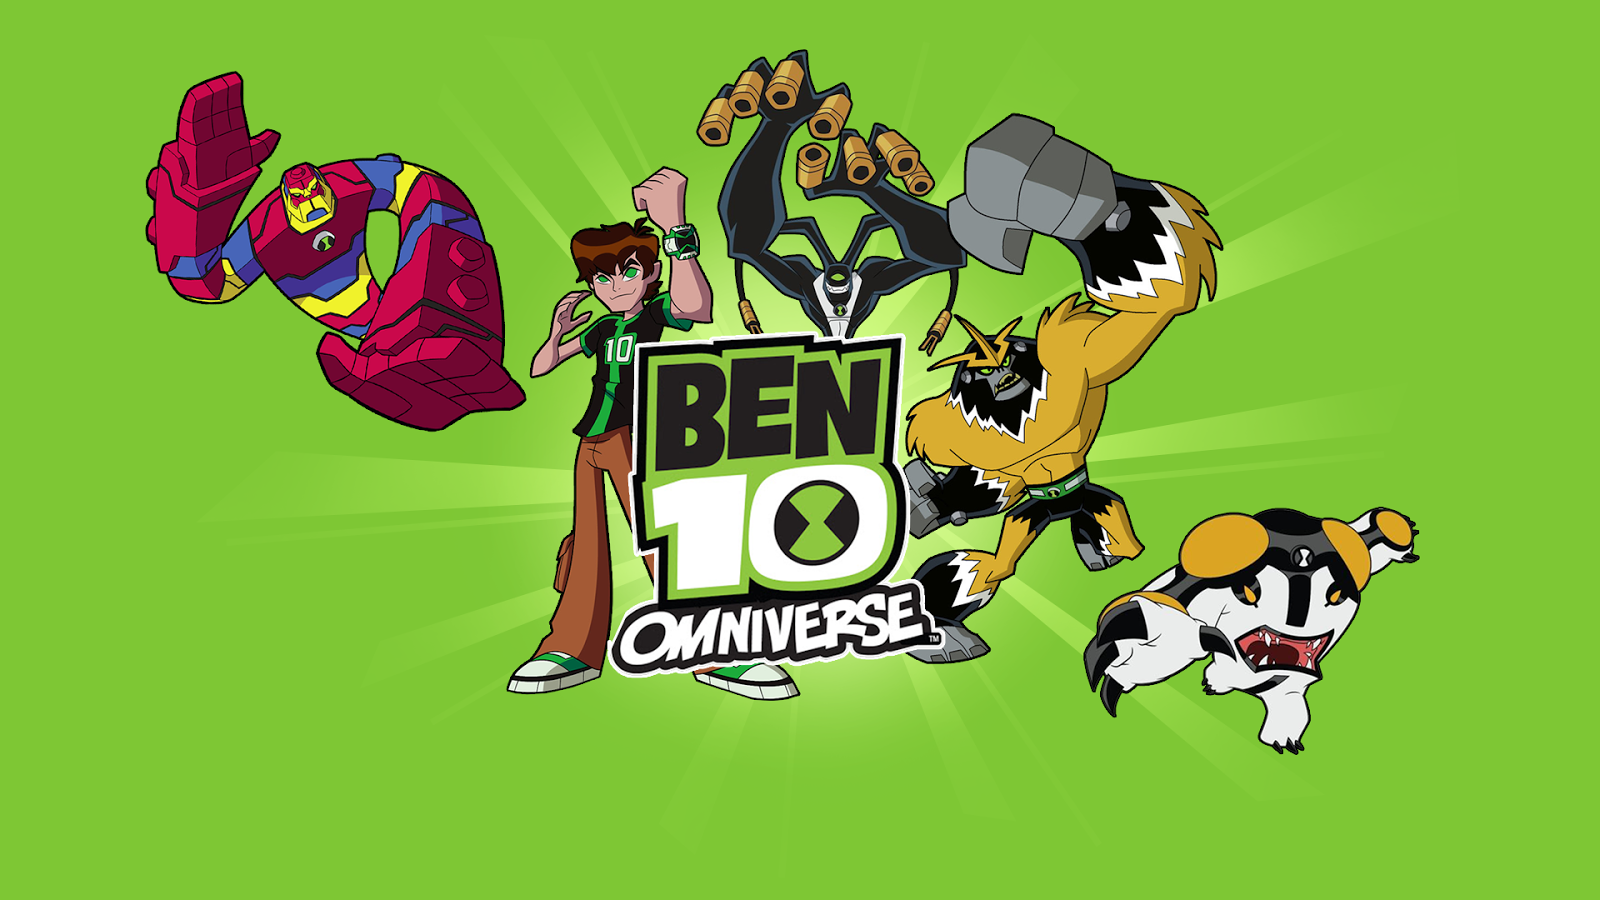 ben 10 omniverse free screenshot